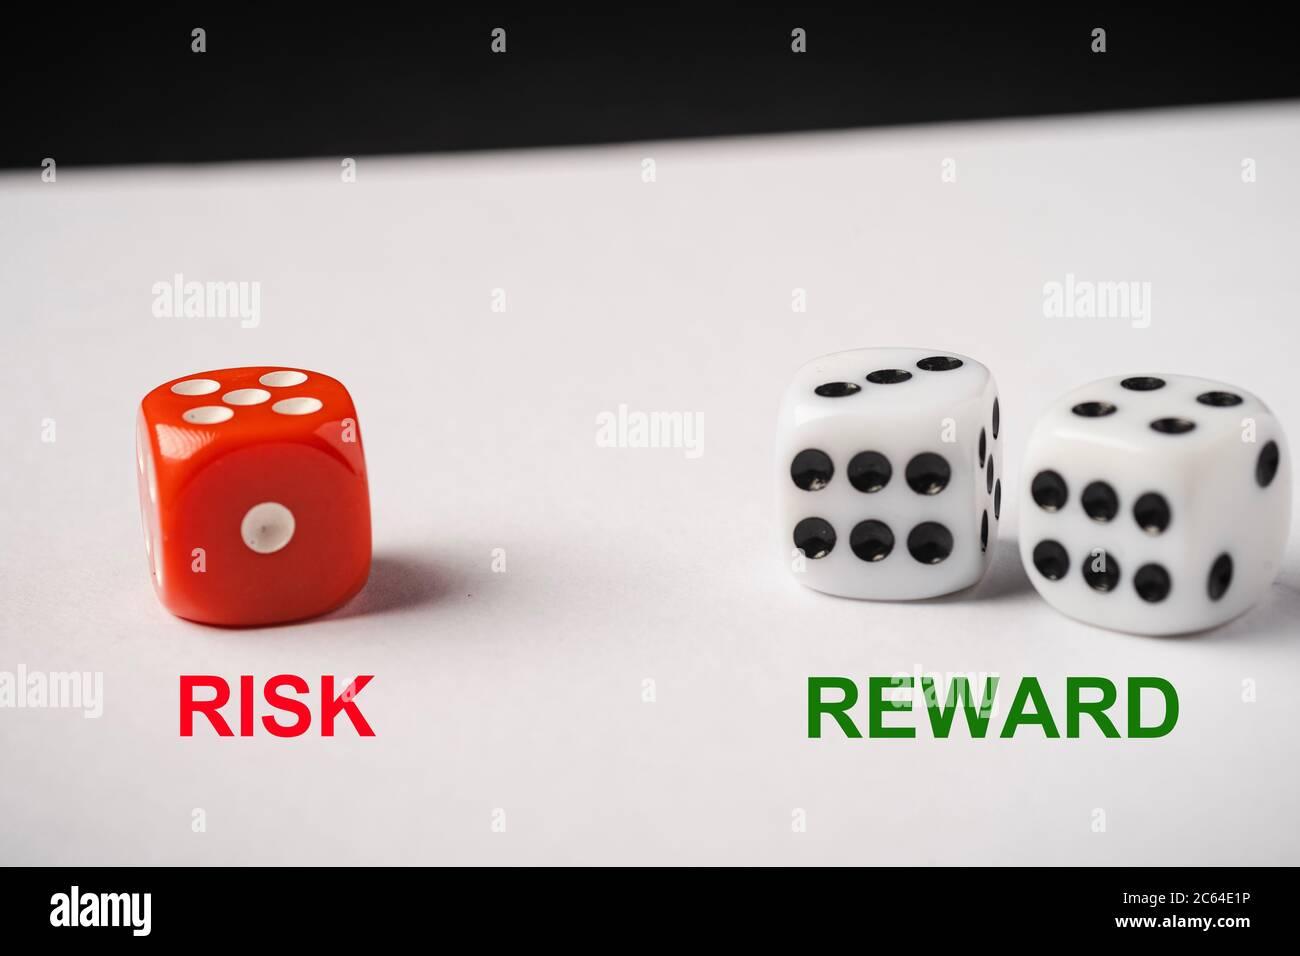 Rote und weiße Würfel, Risiko vs. Rendite – konzeptueller Schuss. Stockfoto